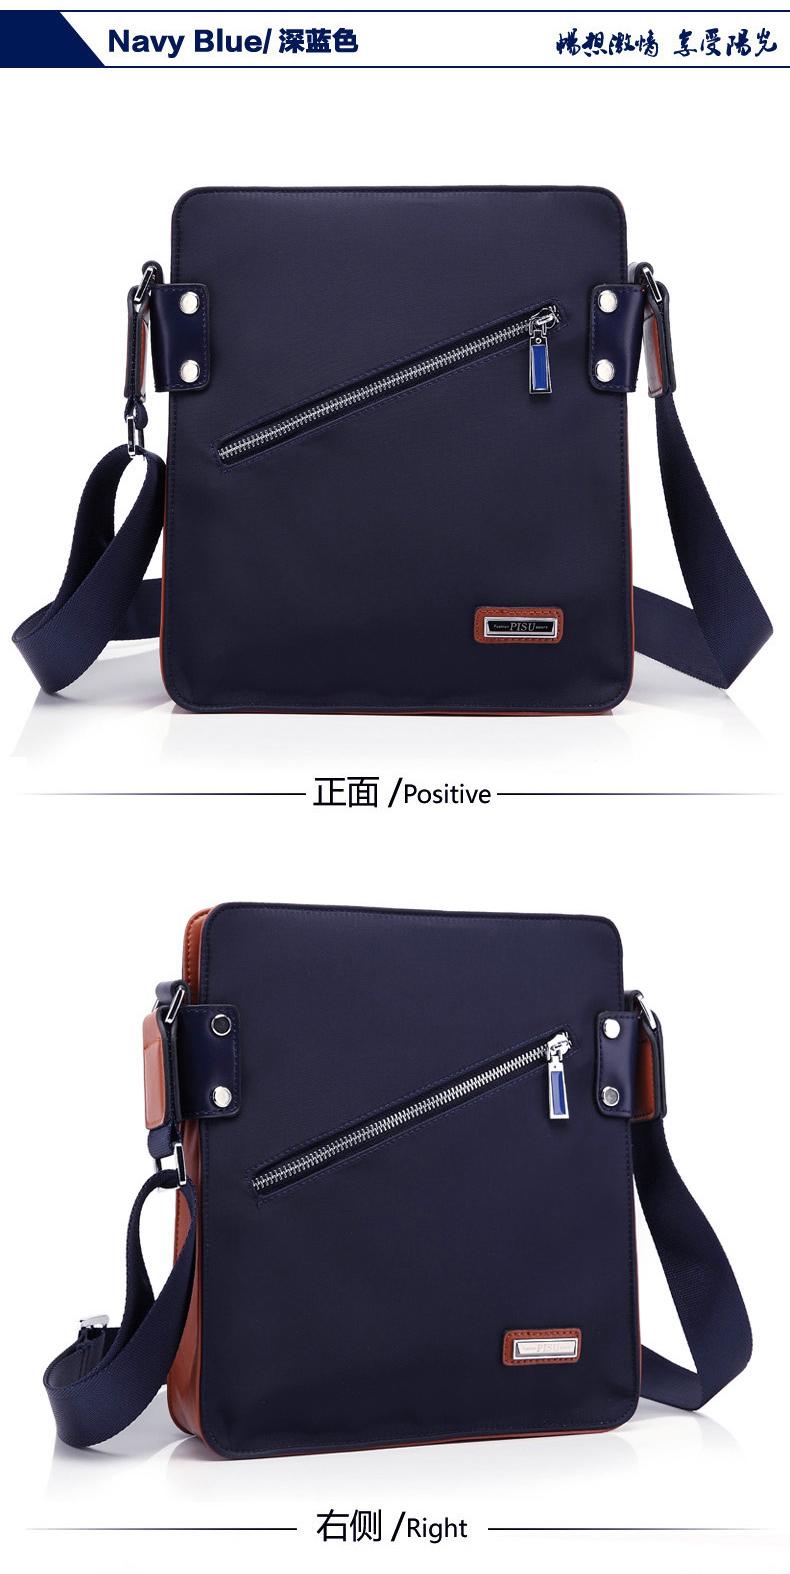 กระเป๋าสะพาย กระเป๋าสะพายข้าง พร้อมส่ง สีน้ำเงิน หนังPU ใบขนาดกลาง ใส่ipad ได้ ด้านหน้าซิปเฉียง ใช้ใส่ของไปทำงานหรือสะพายไปเที่ยวได้ เป็น cross body bag ที่น่าใช้มากๆ